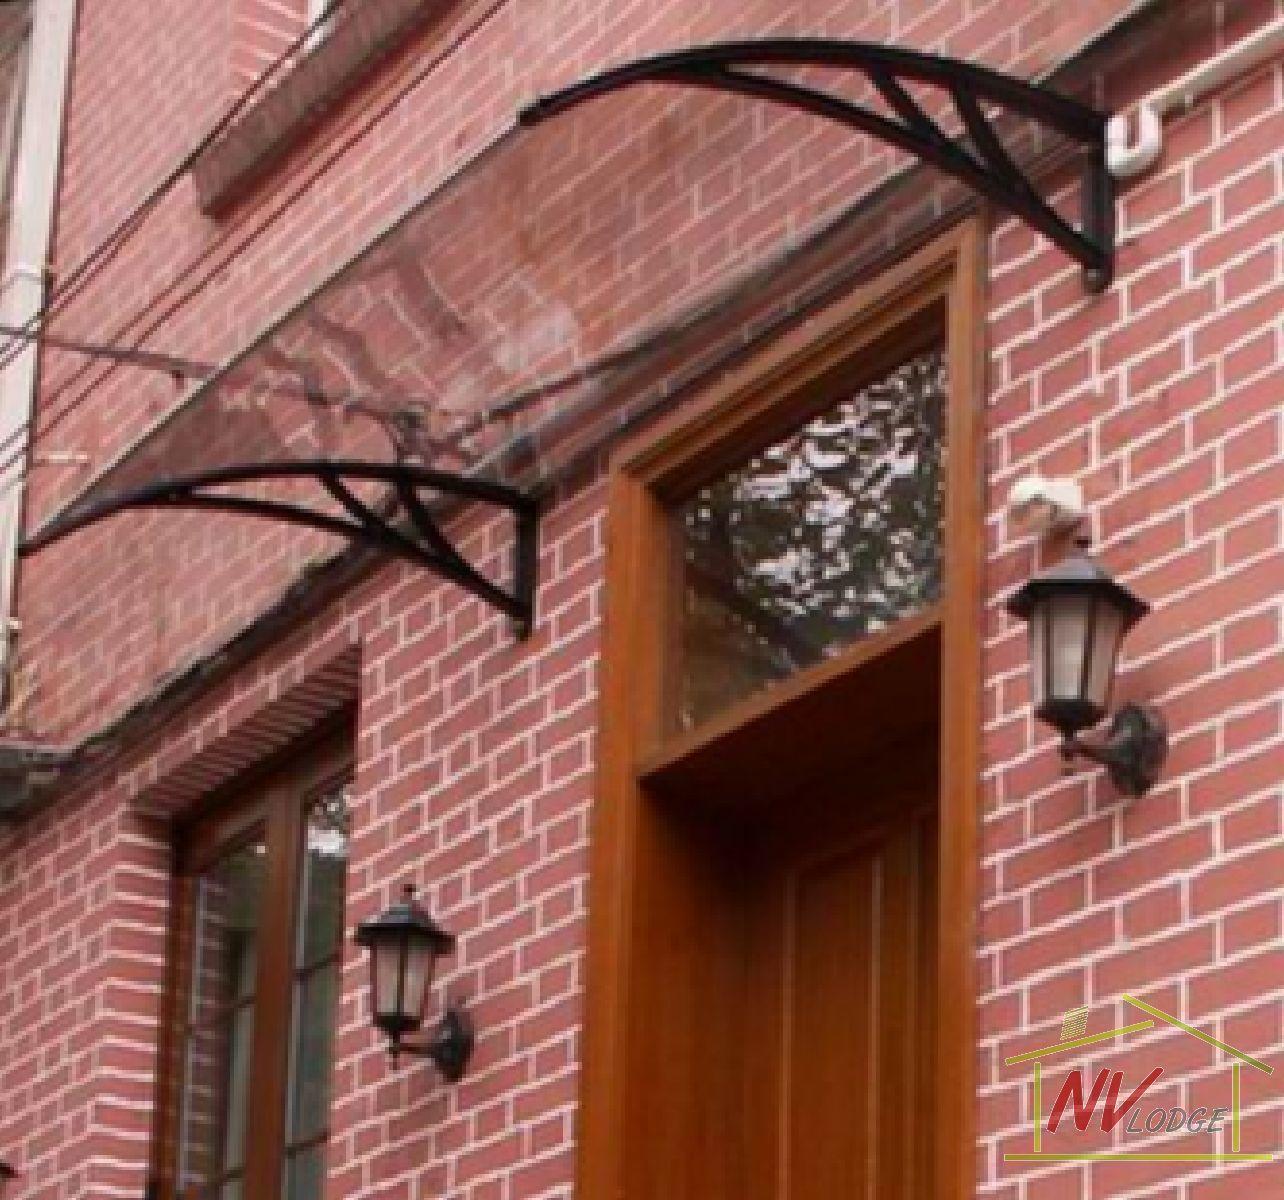 Stationary Awning | Door canopy, Canopy, Doors